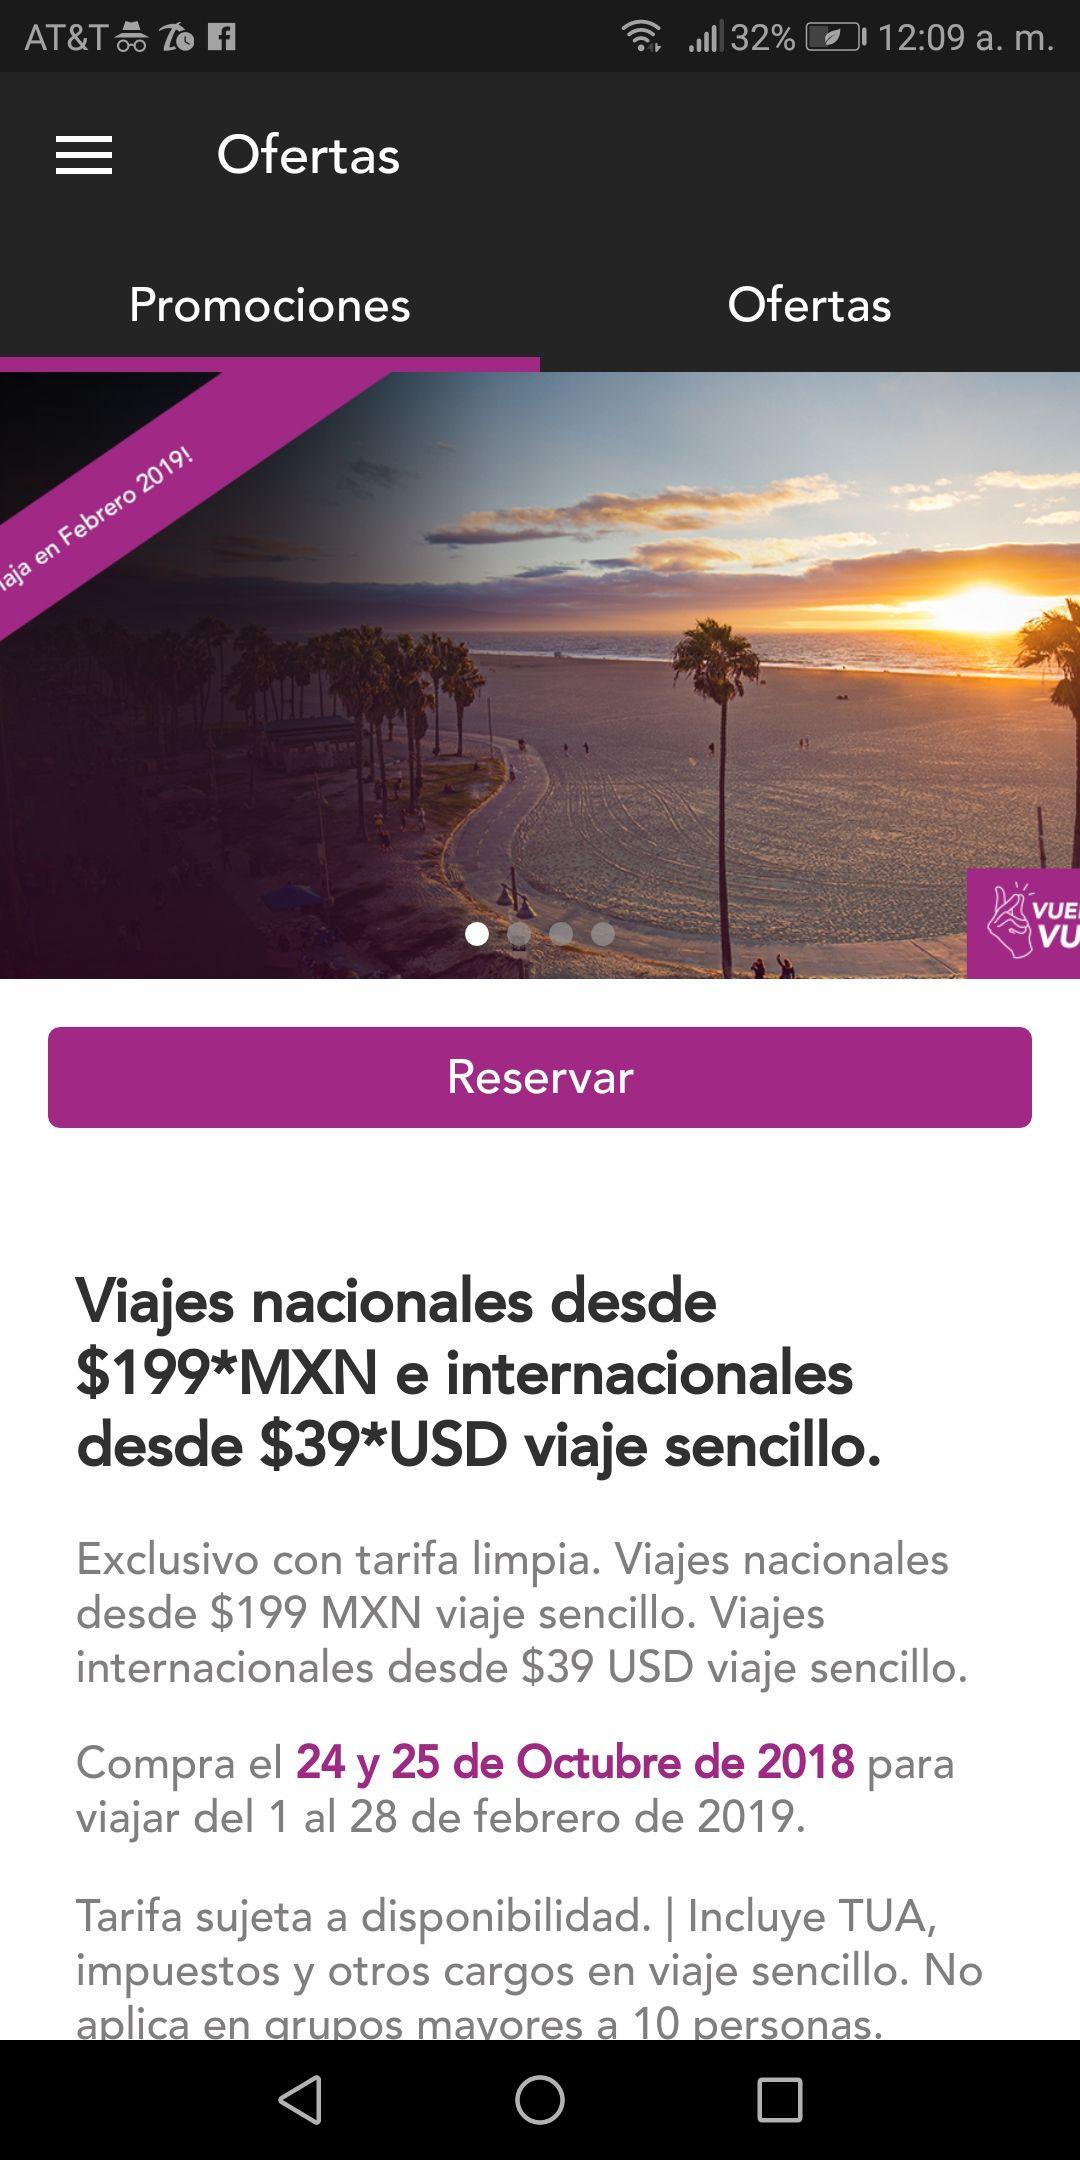 ¡DE NUEVO! Volaris: Vuelos nacionales desde $199 pesos e internacionales desde $39 usd